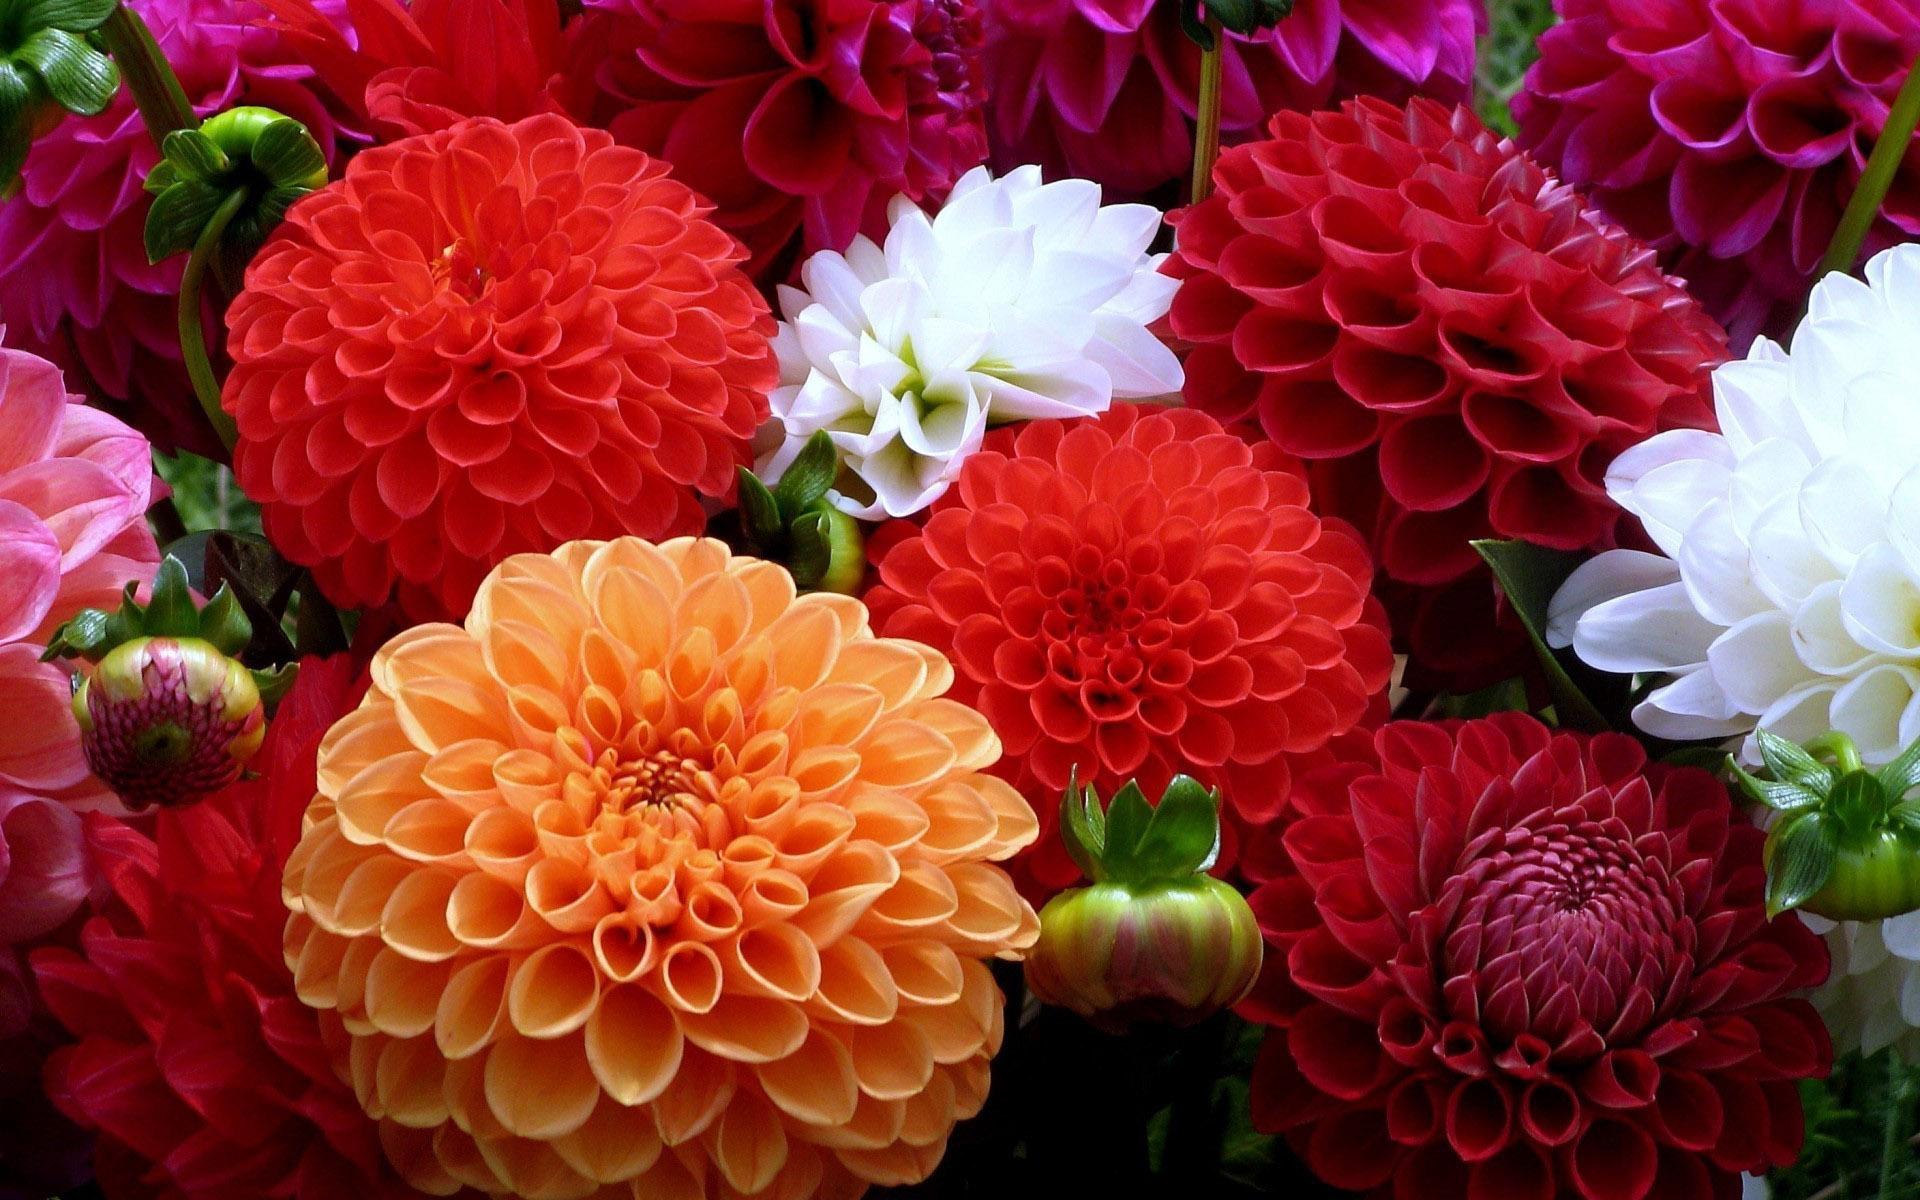 بالصور اكبر مجموعة من صور الورد الرائعة 20160712 1818